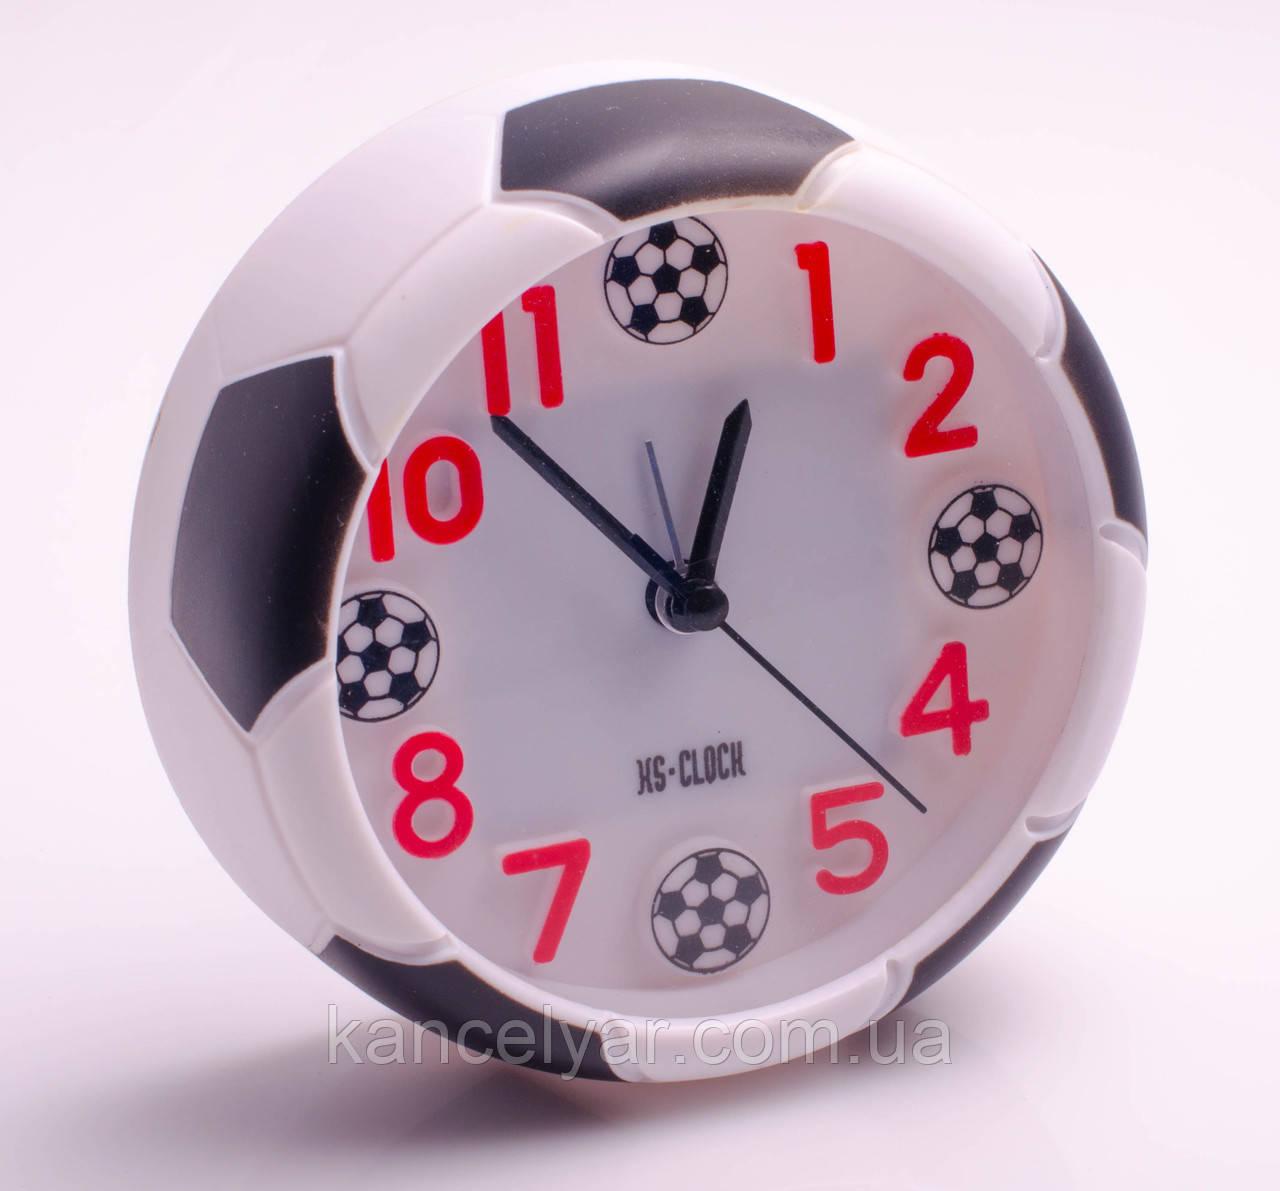 Часы-будильник, в ассортименте